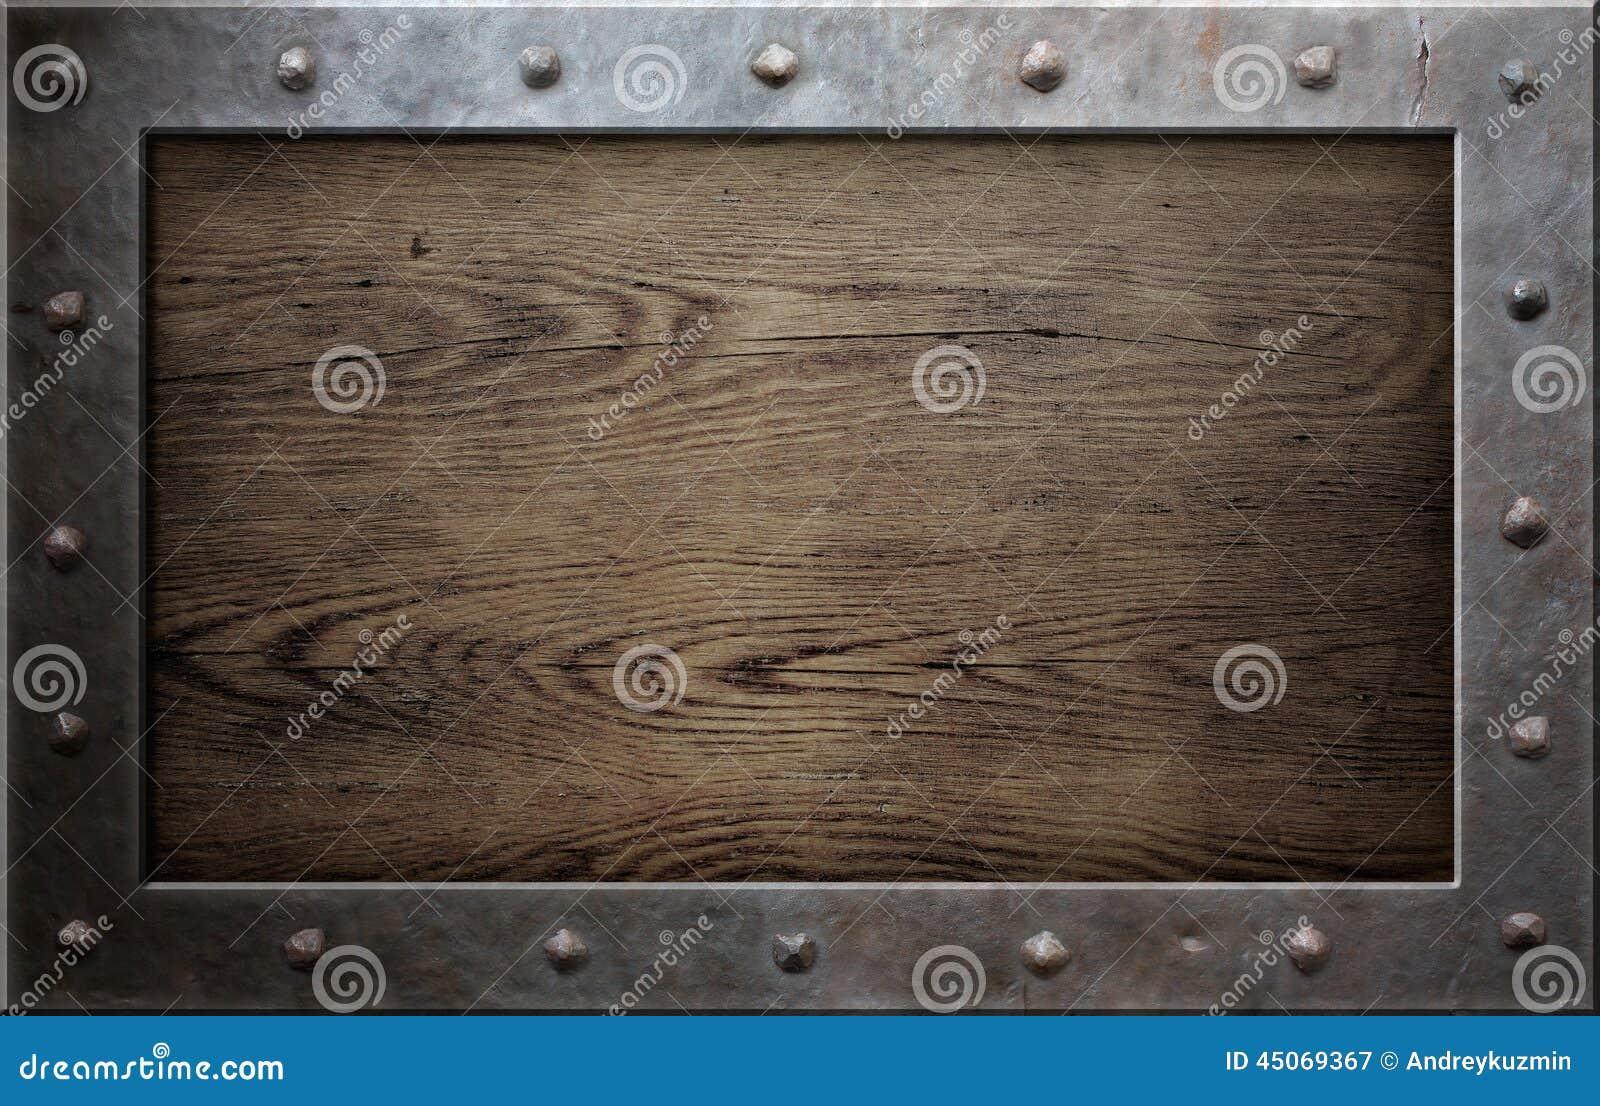 vieux cadre en m tal au dessus de fond en bois image stock image du rouill histoire 45069367. Black Bedroom Furniture Sets. Home Design Ideas